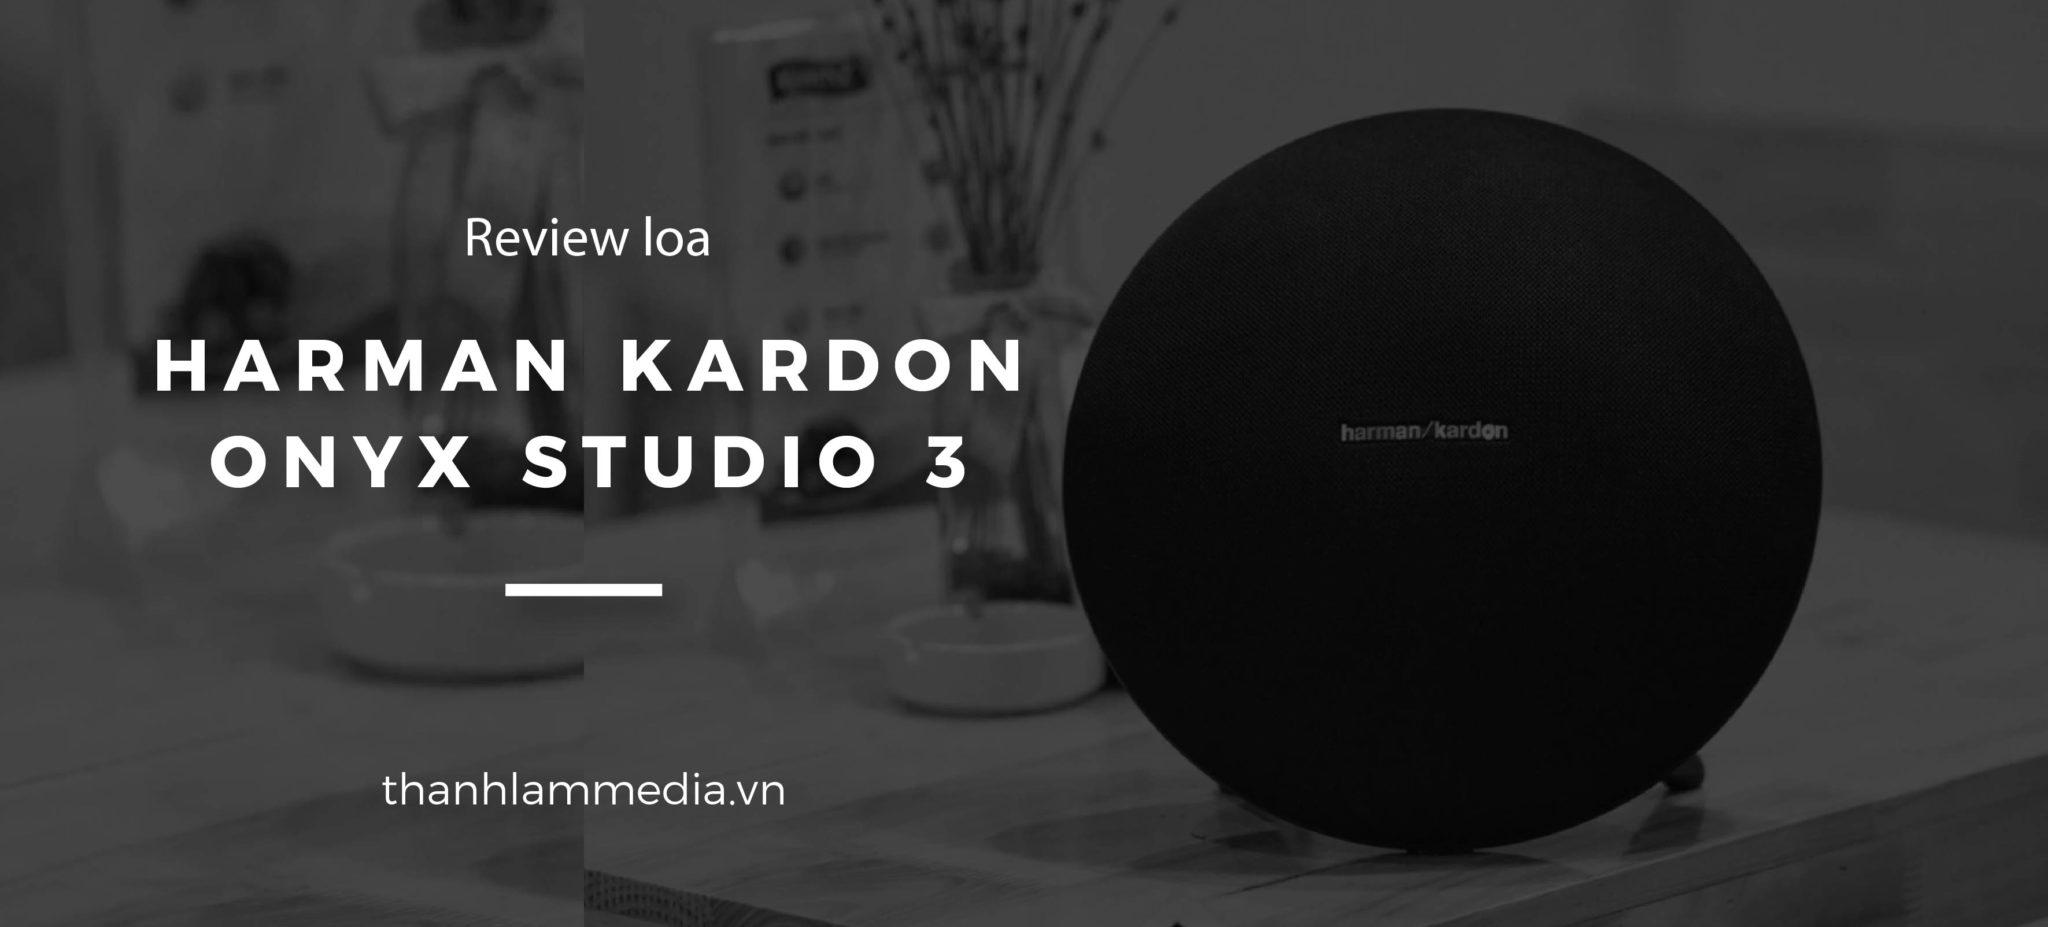 Harman Kardon Onyx Studio 3 - Mẫu mực của phân khúc loa tầm trung 1